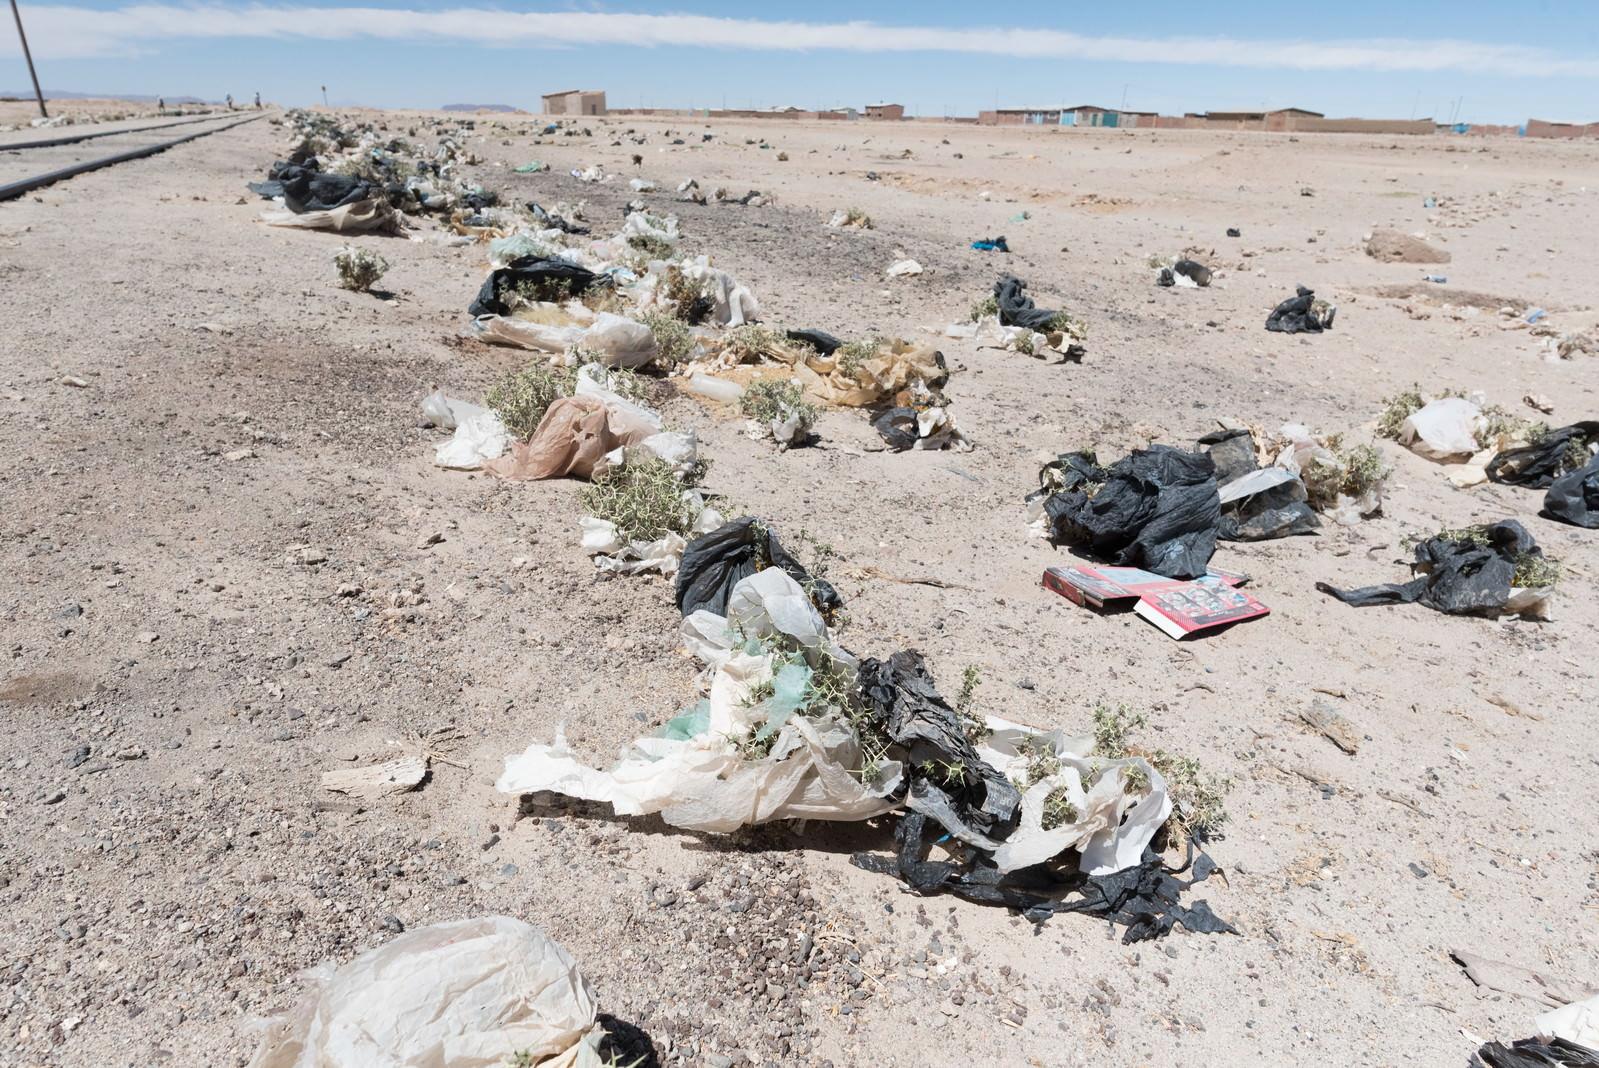 「ウユニ市「列車の墓場」で観光客が捨てたゴミの山」の写真